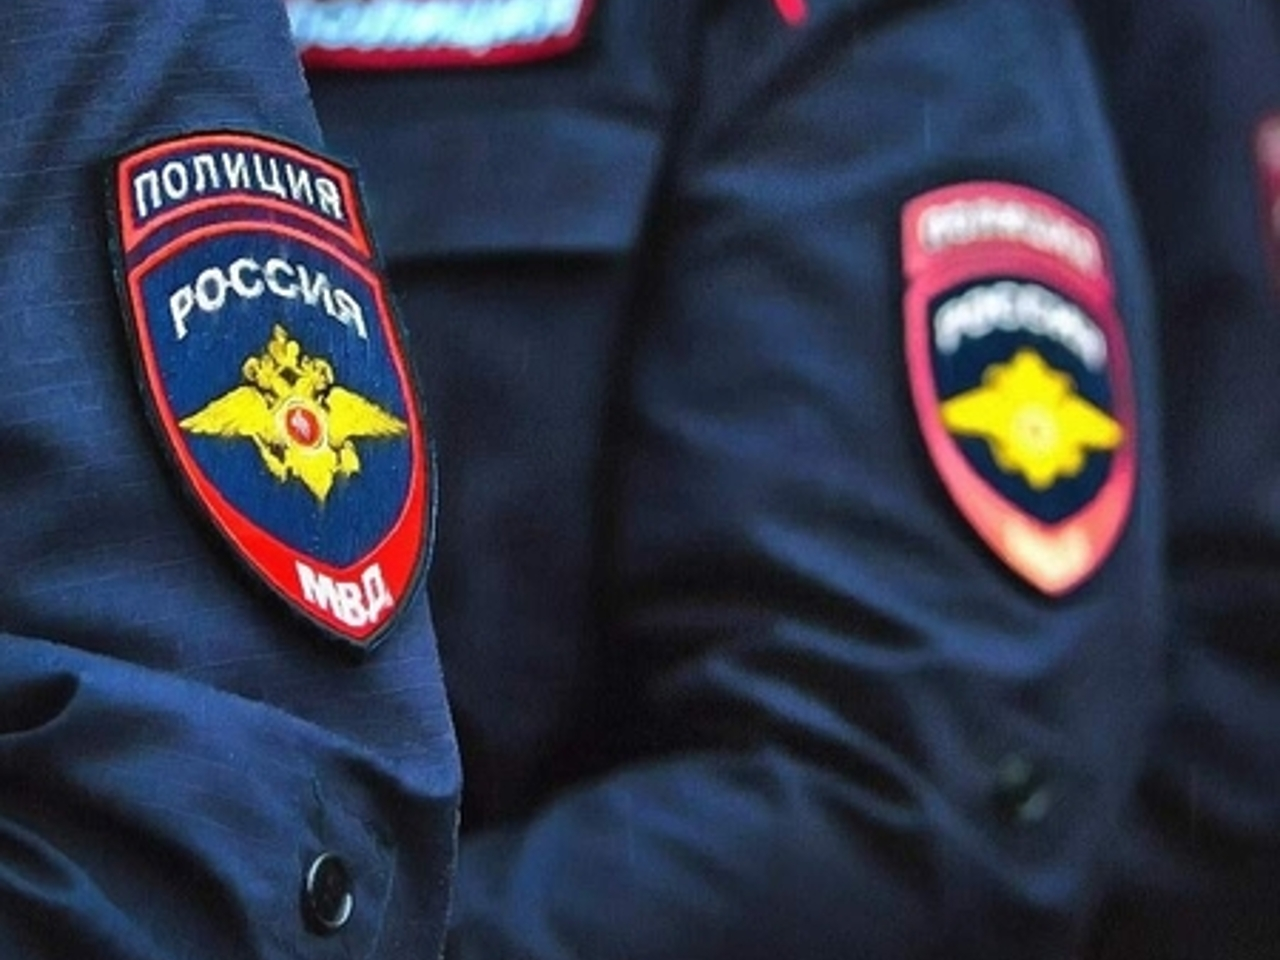 Шеврон на форме российских полицейских крупным планом